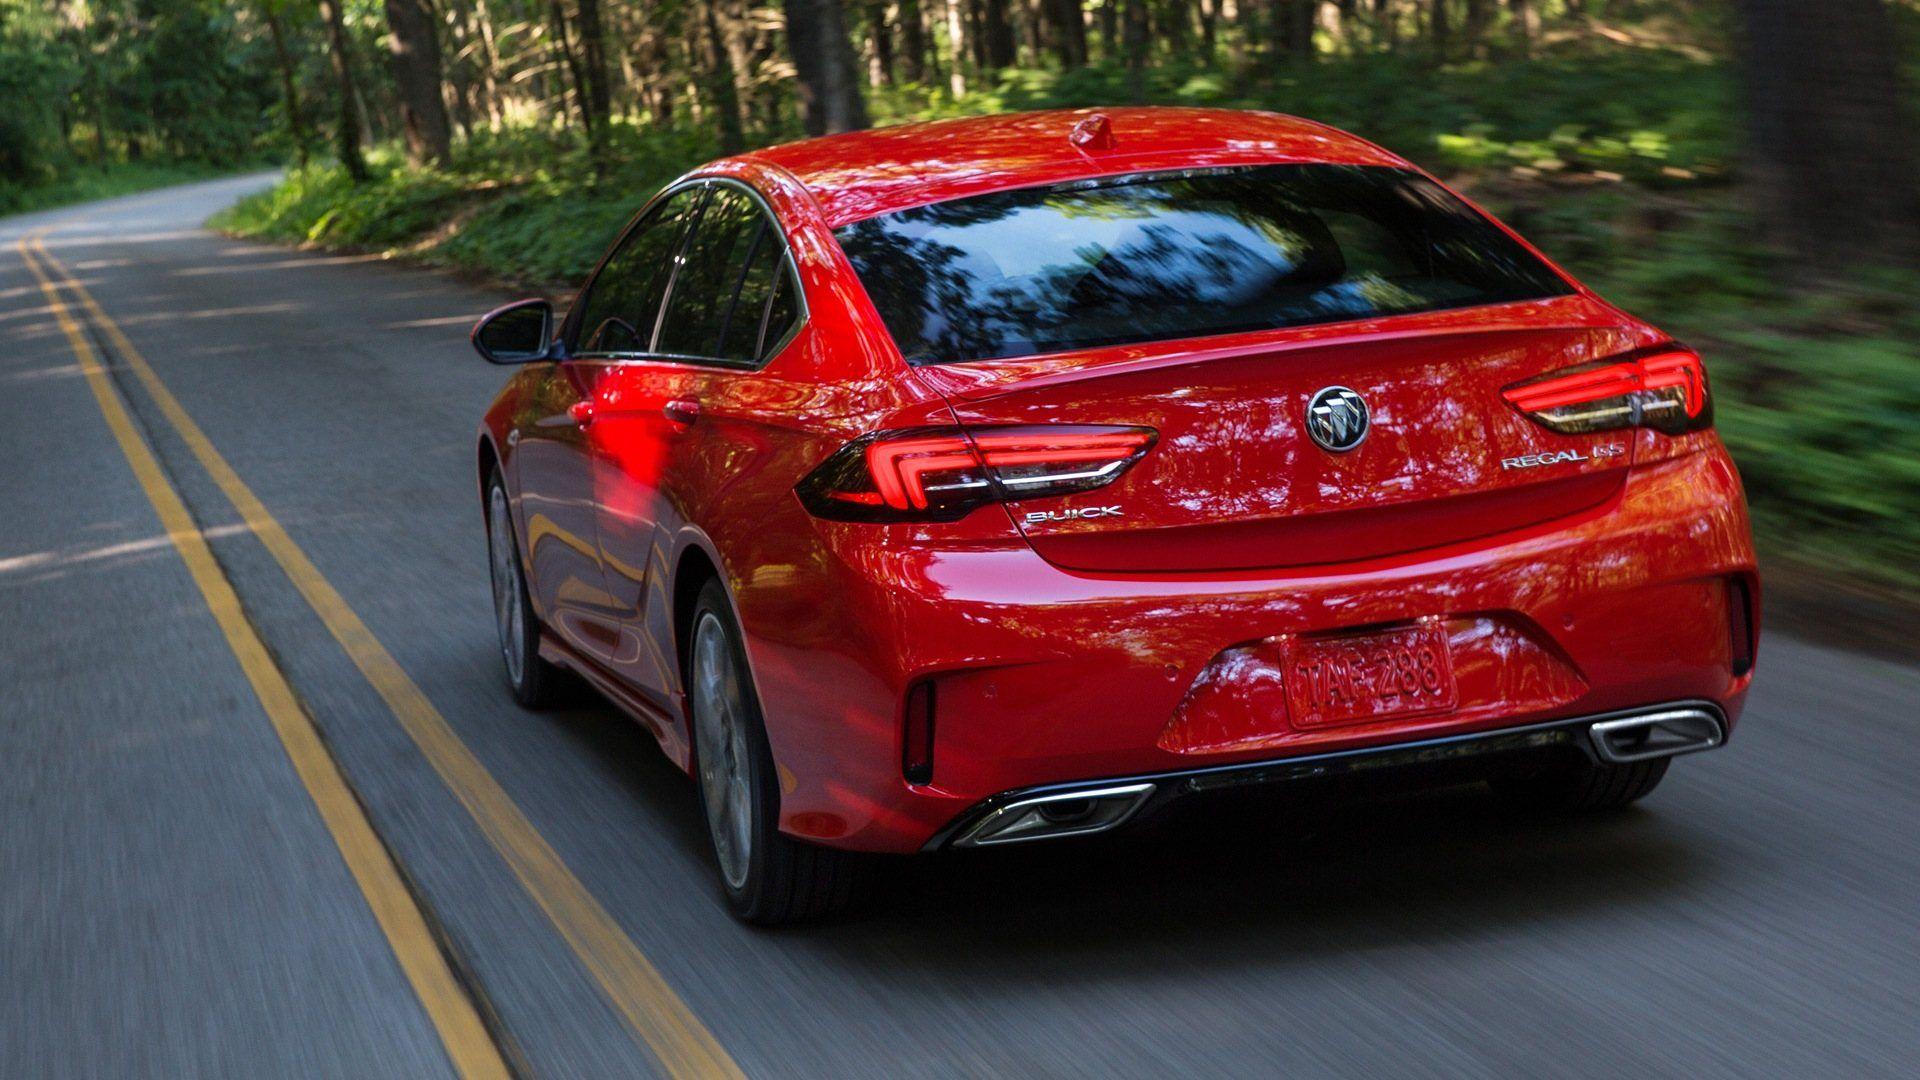 2021 Buick Regal Gs Coupe Concept